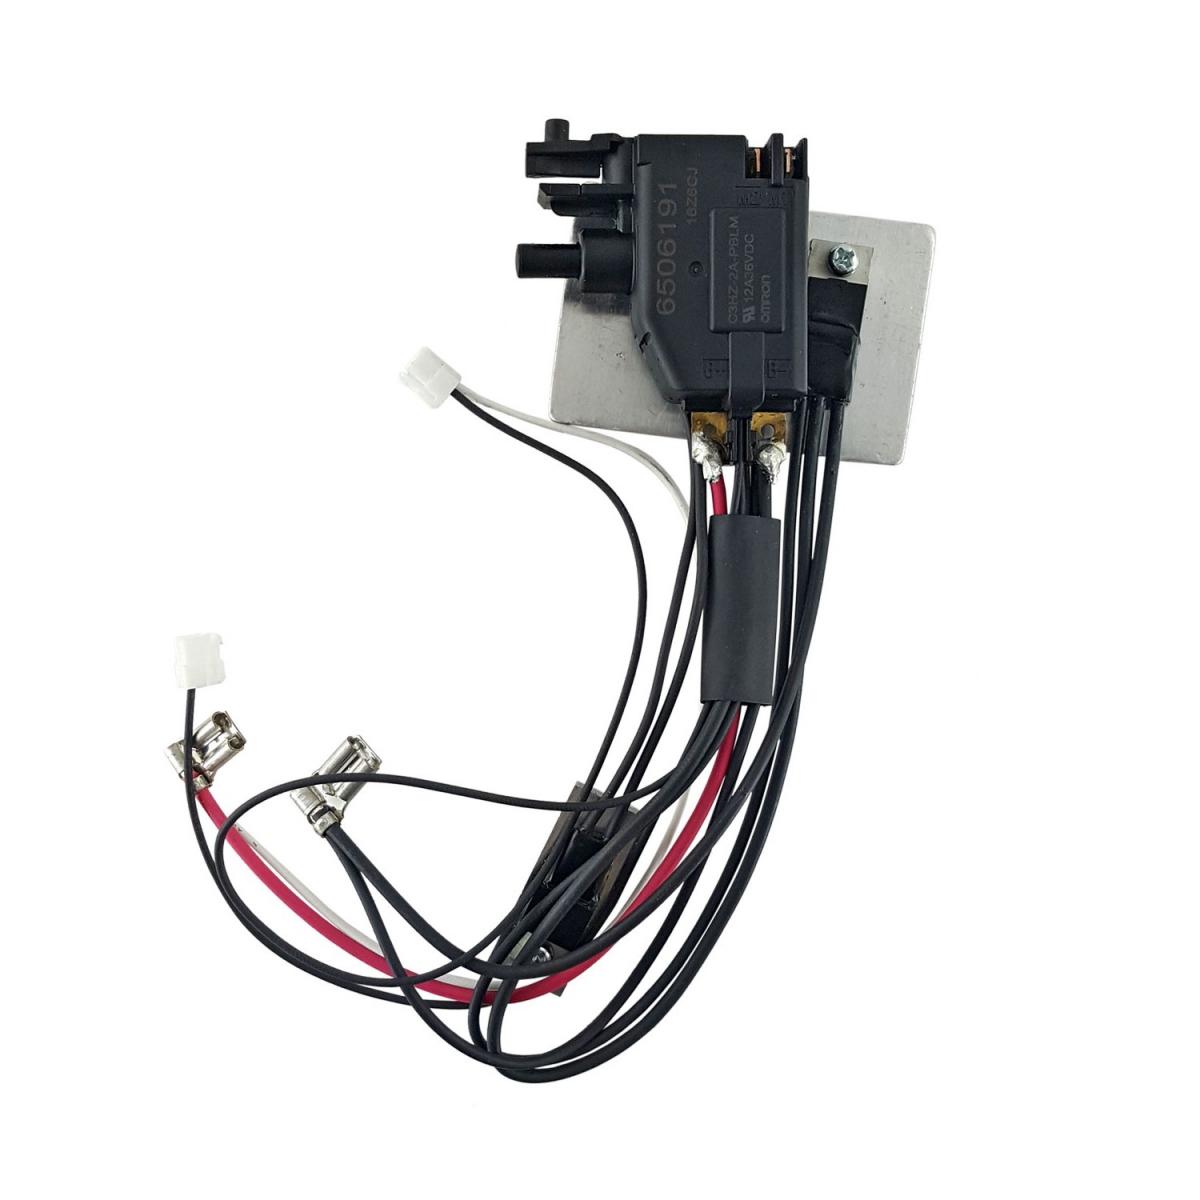 pblm Makita Interrupteur 650619-1 à bhr261 bhr262t c3hz-2a bhr262 bhr261t